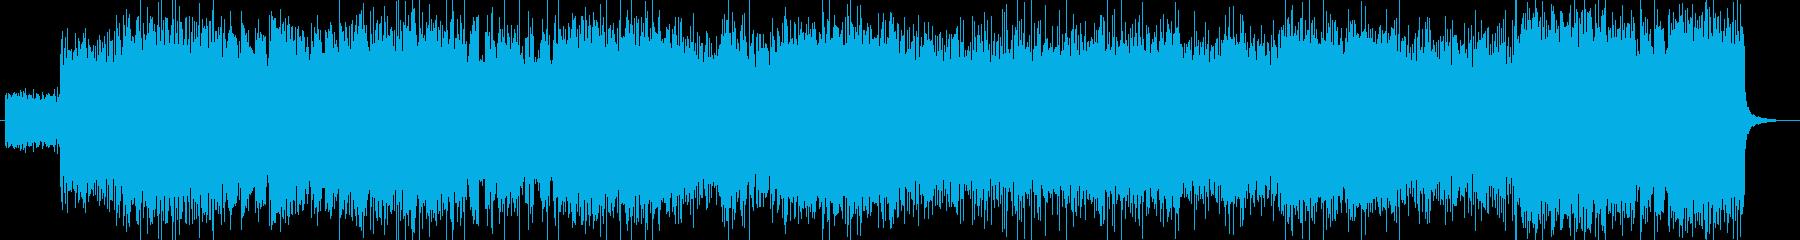 「ハードロック・DEATH」BGM120の再生済みの波形